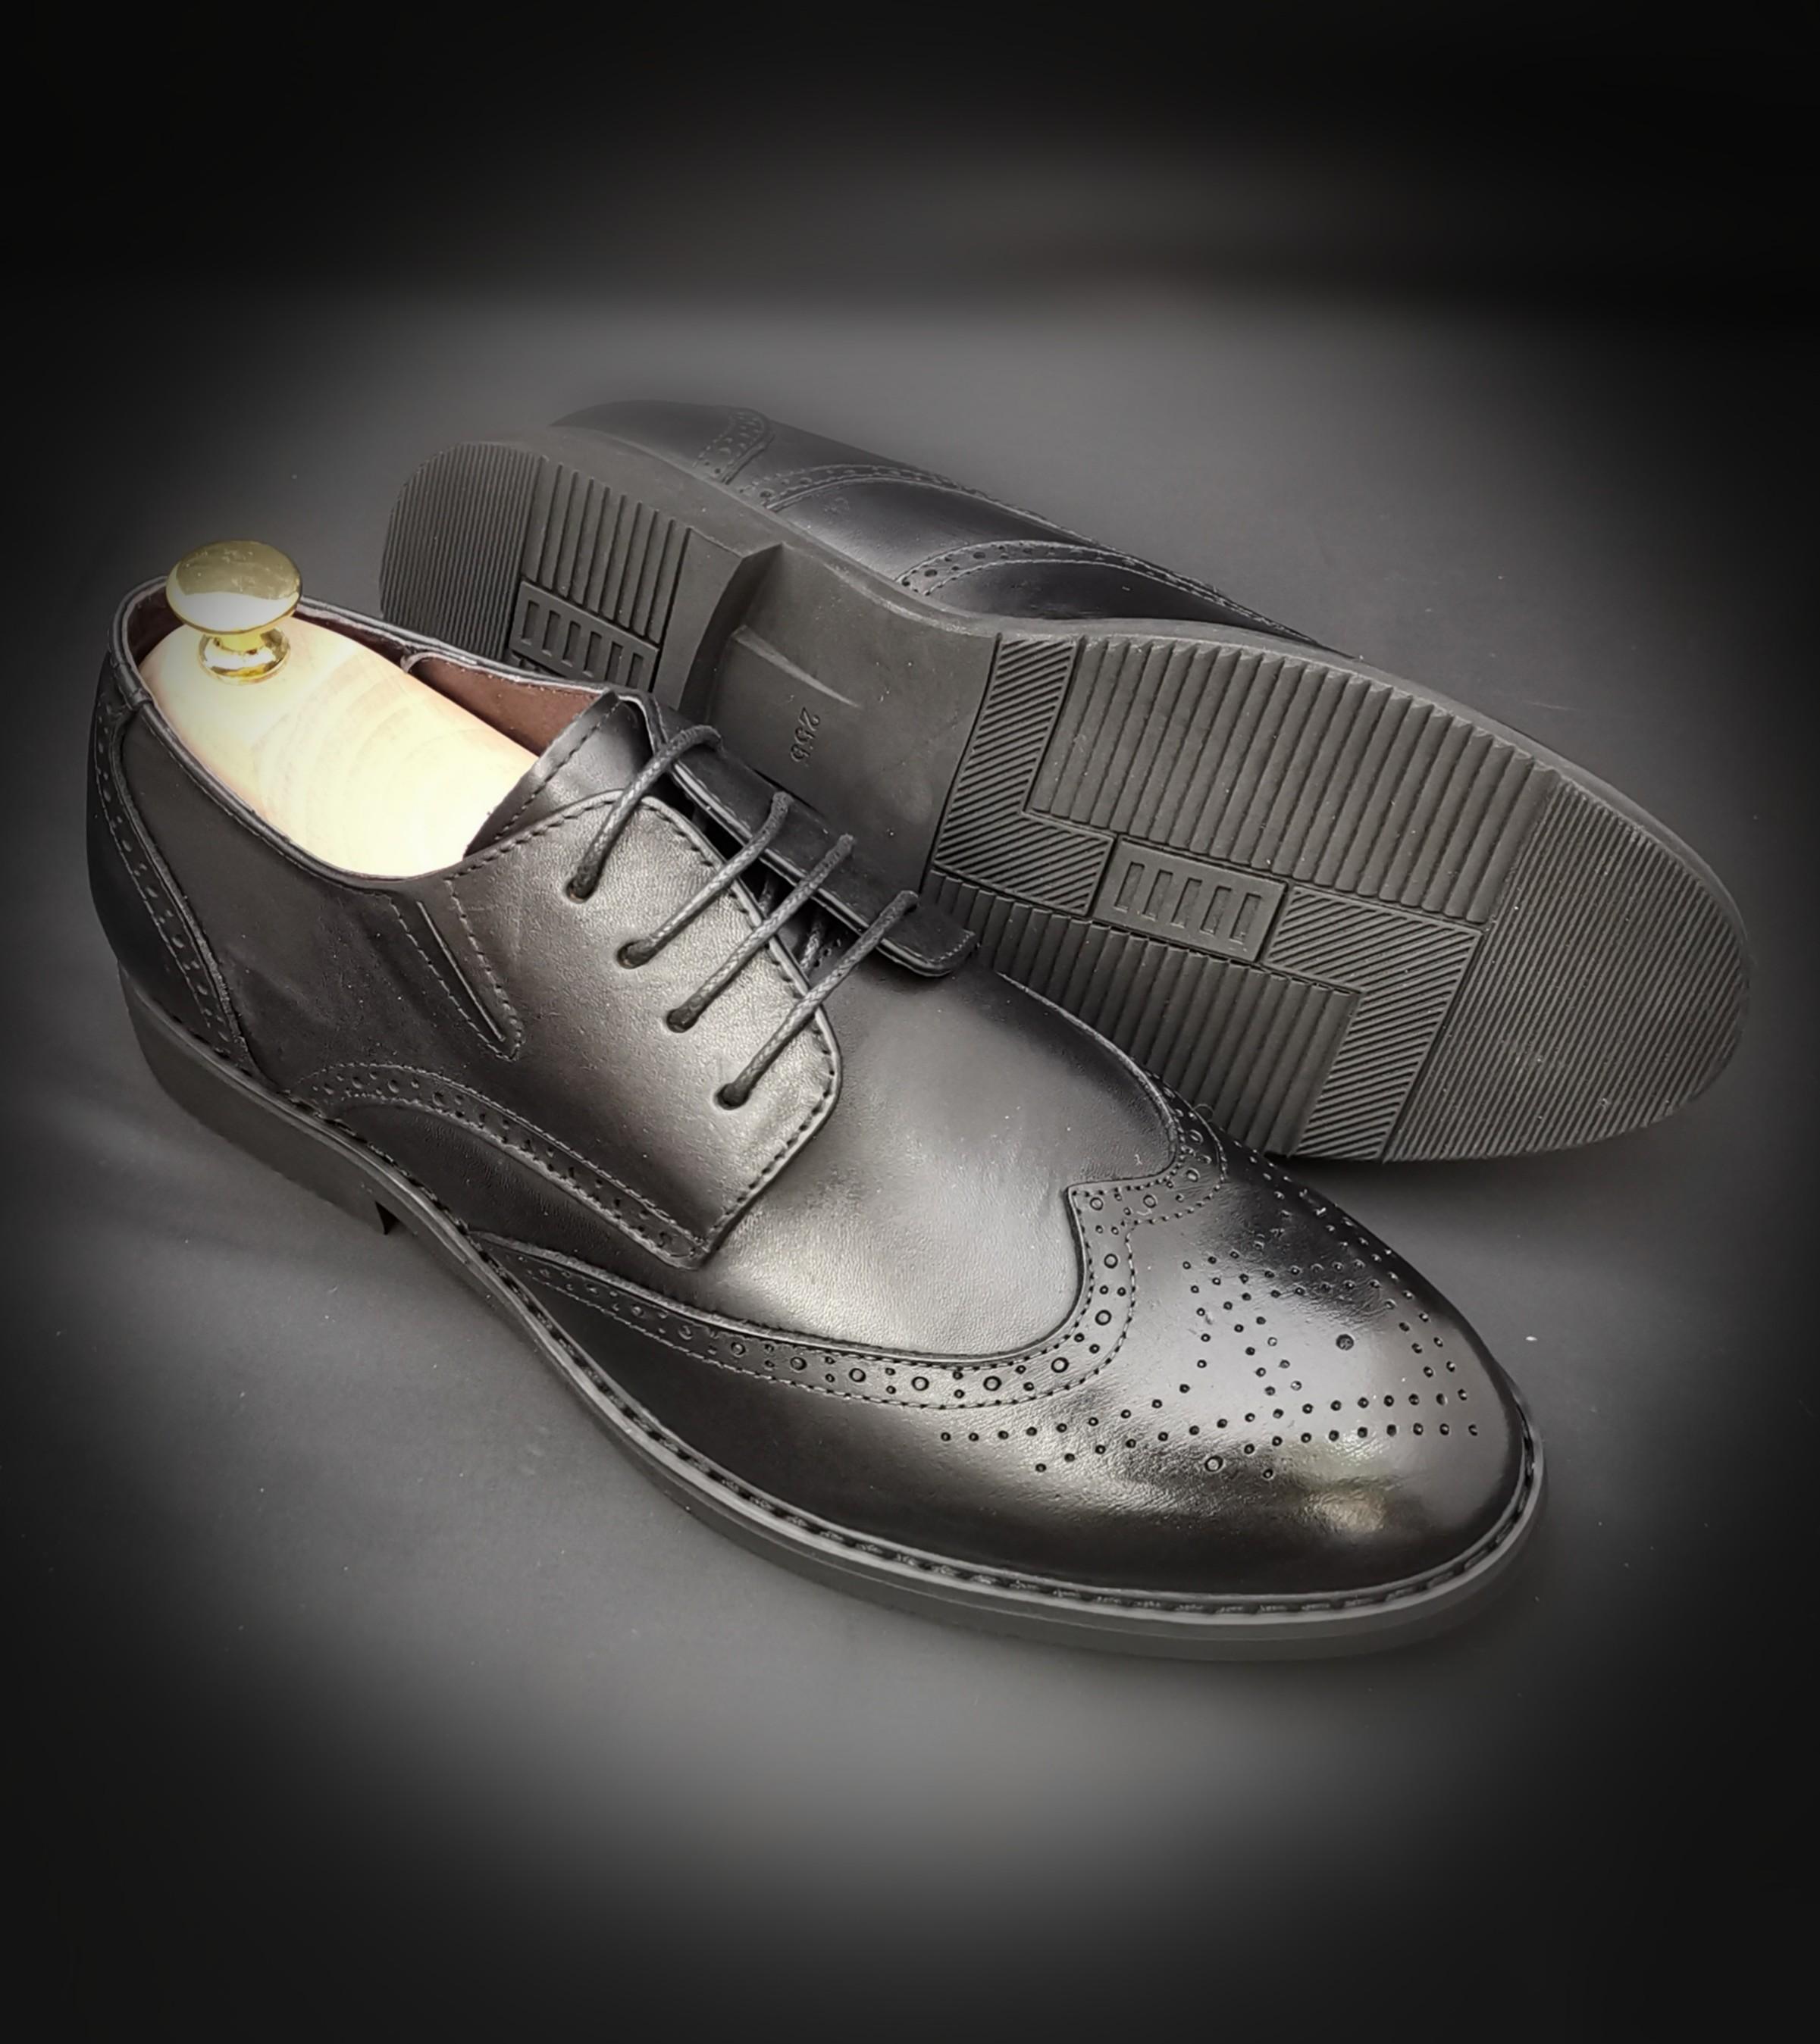 70de208c6 Men leather shoe, Men's Fashion, Footwear, Formal Shoes on Carousell